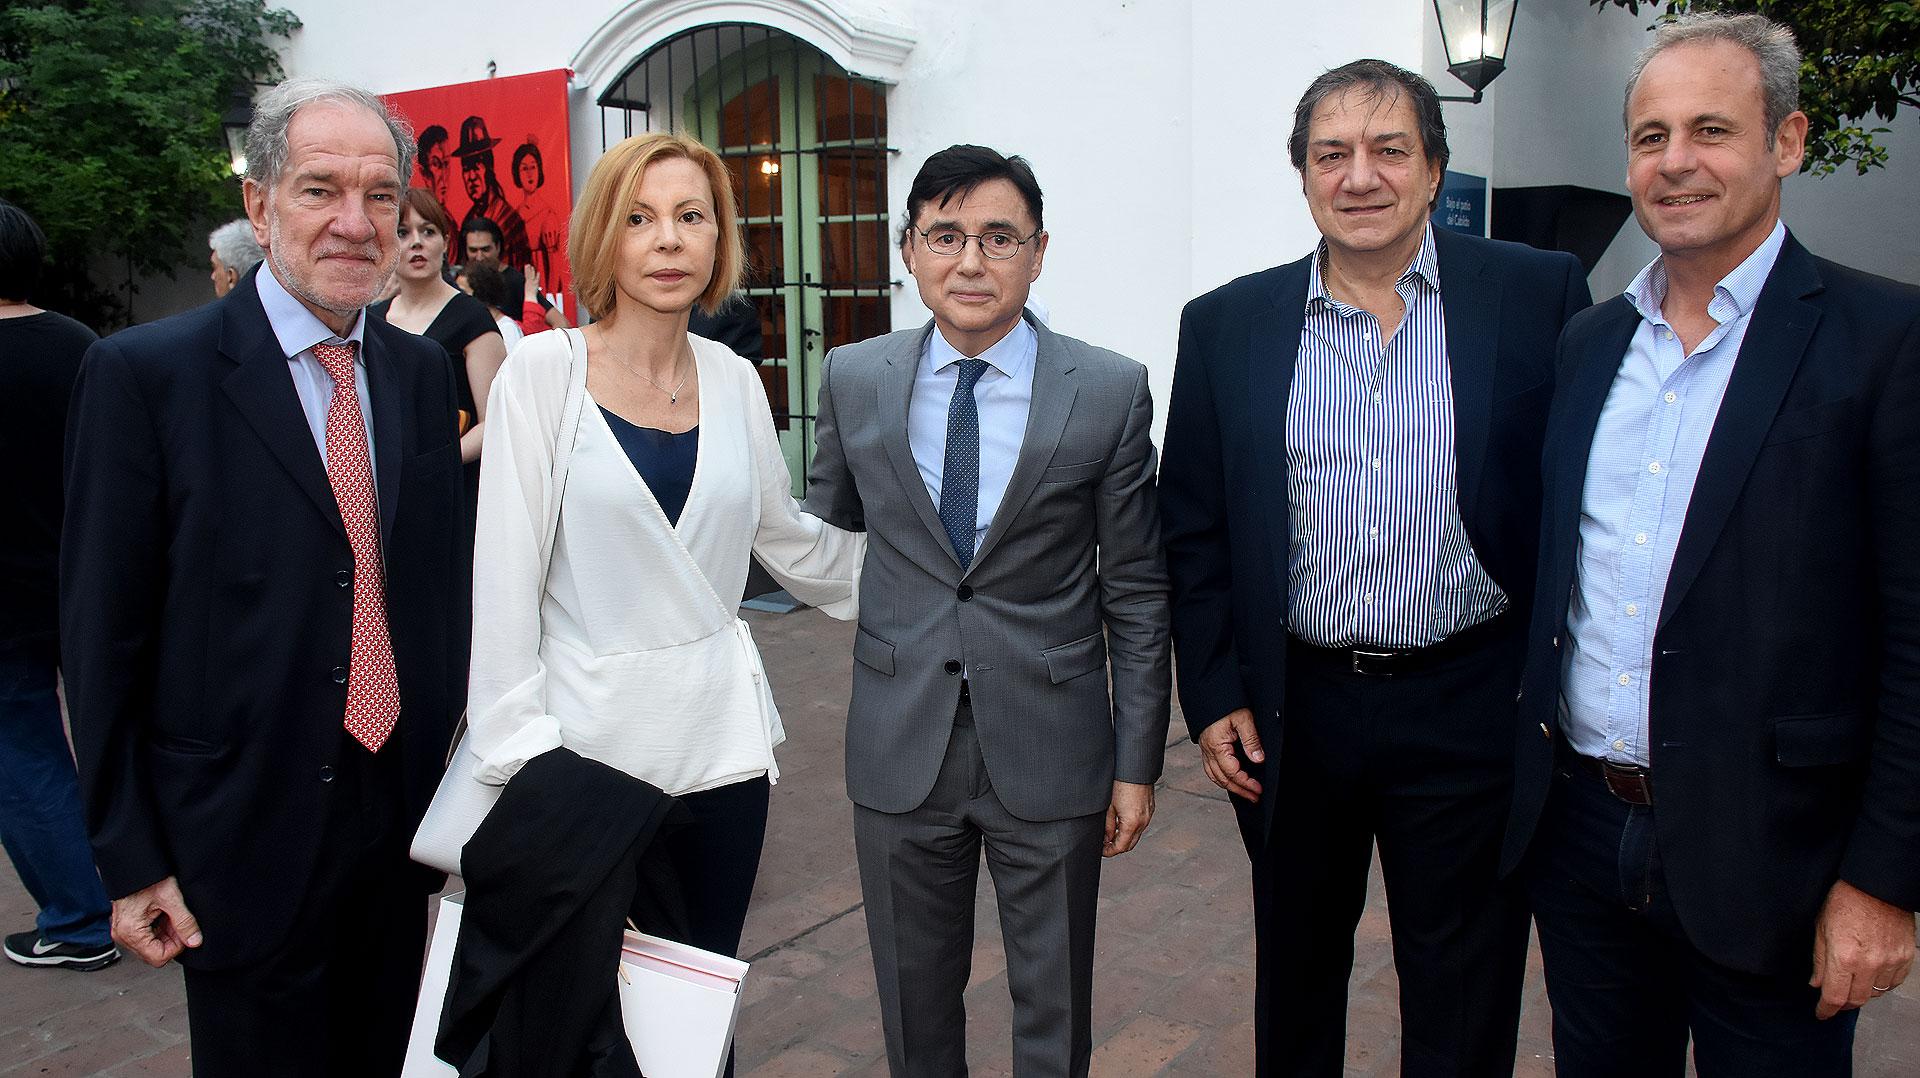 Héctor D'Amico, Silvana Boschi, Jorge Fontevecchia, Alberto Amato y Claudio Jacquelin